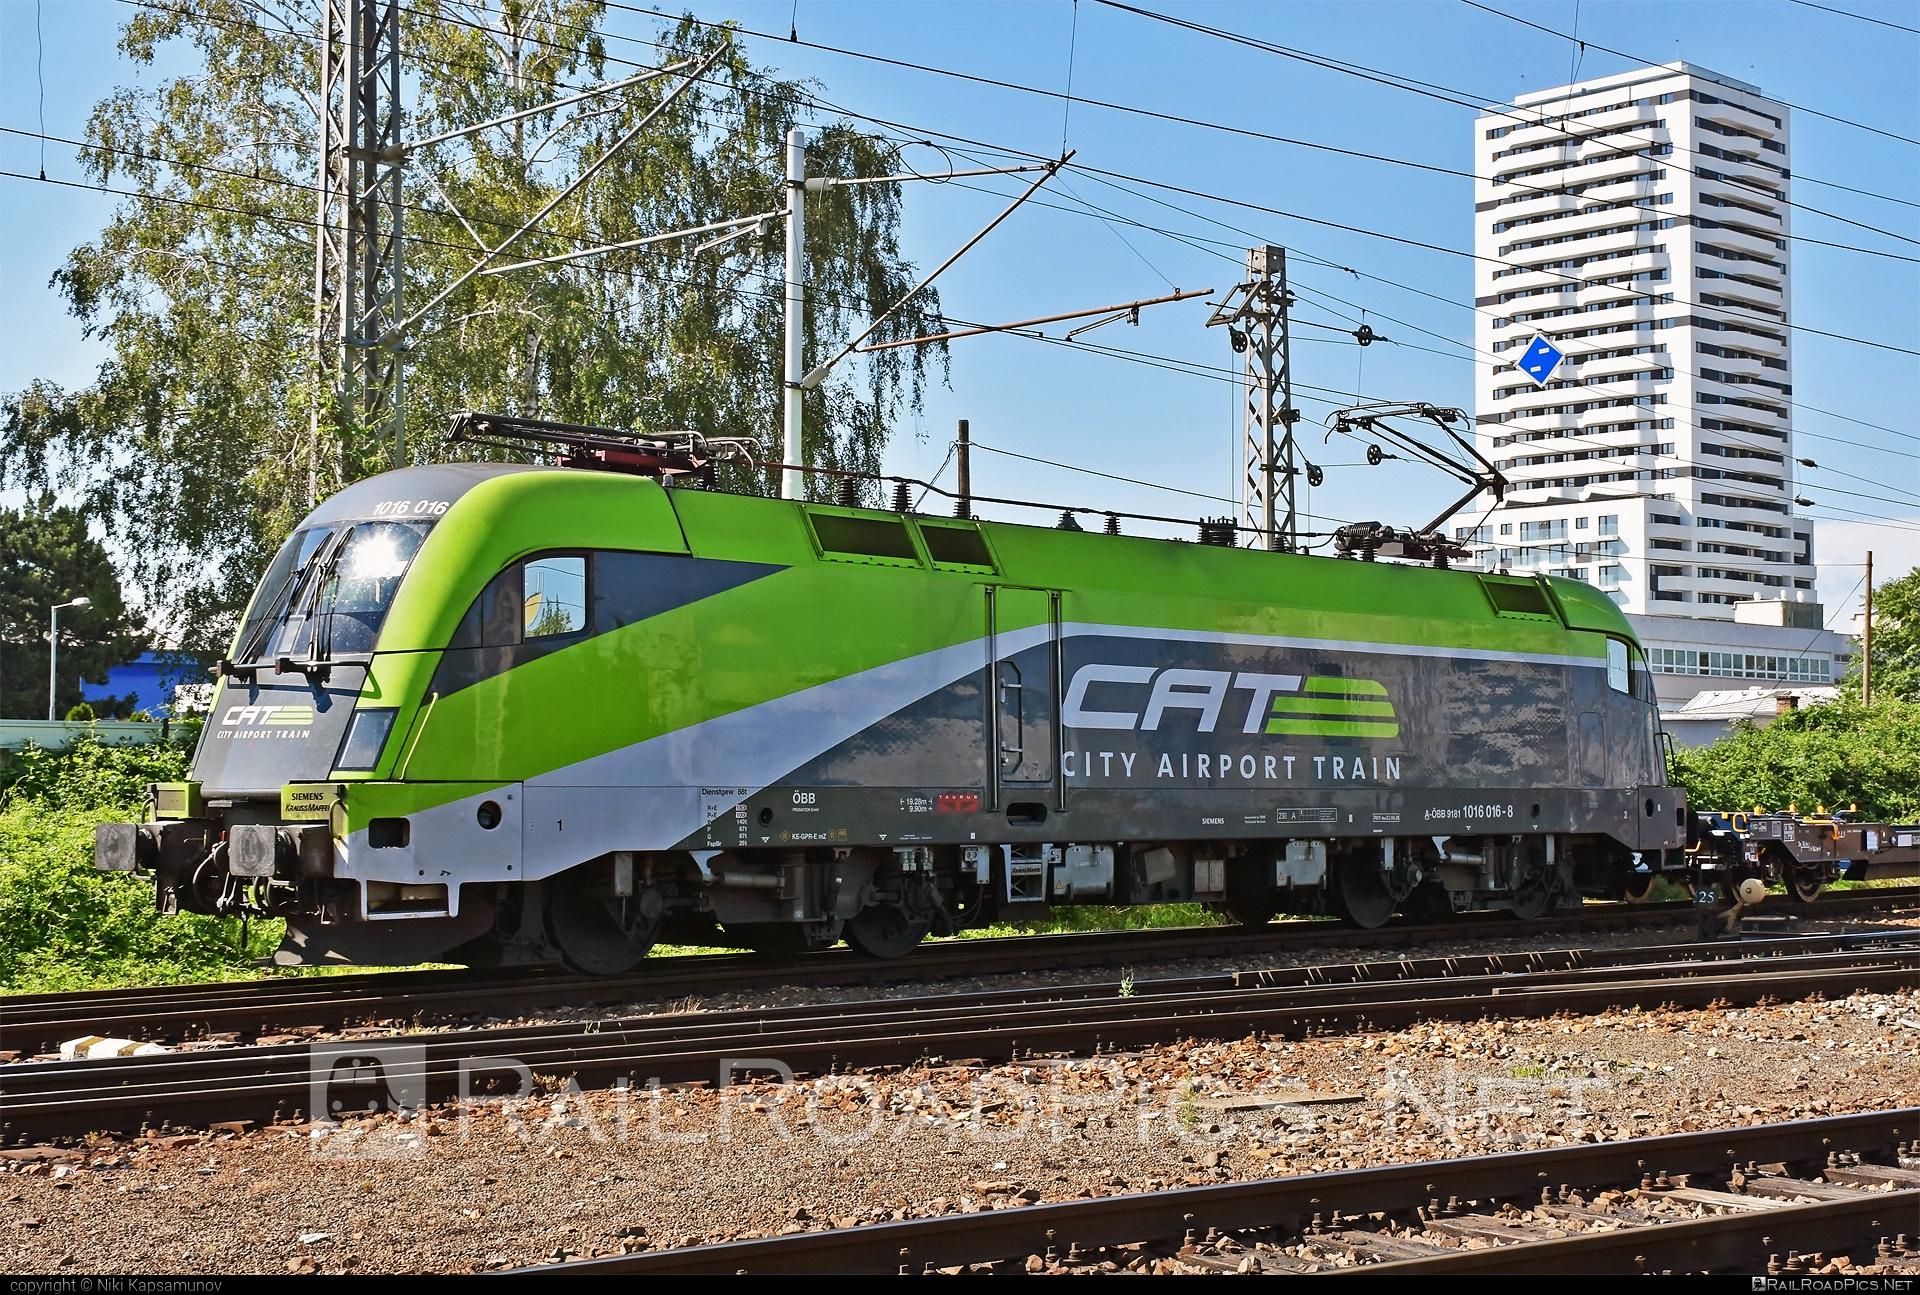 Siemens ES 64 U2 - 1016 016 operated by Rail Cargo Austria AG #cat #es64 #es64u #es64u2 #eurosprinter #obb #osterreichischebundesbahnen #rcw #siemens #siemenses64 #siemenses64u #siemenses64u2 #siemenstaurus #tauruslocomotive